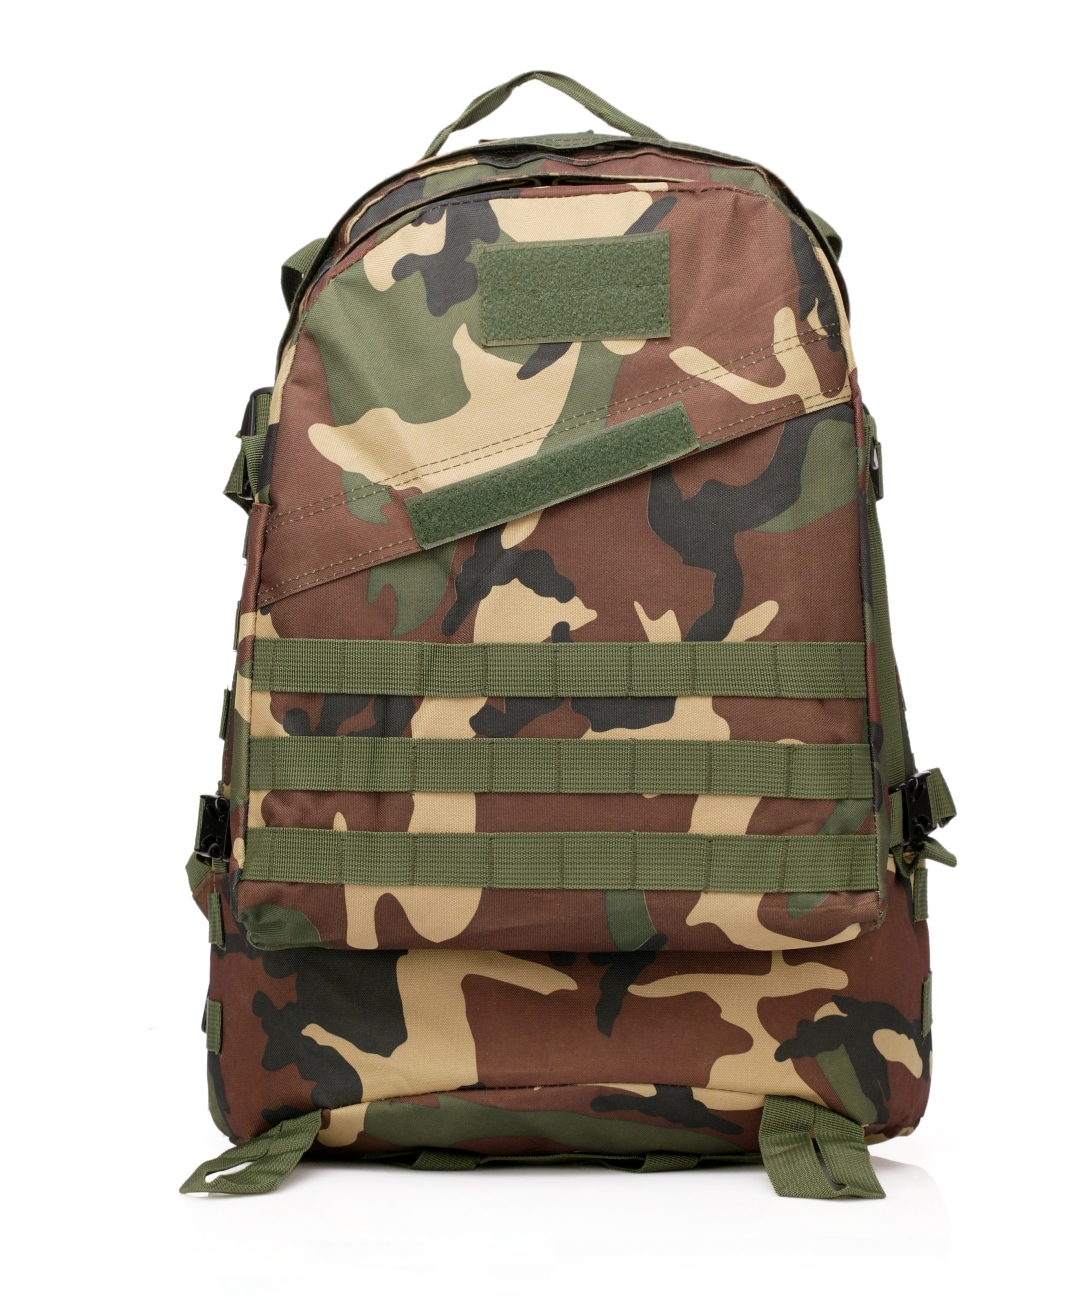 Камуфляжный туристический рюкзак недорого